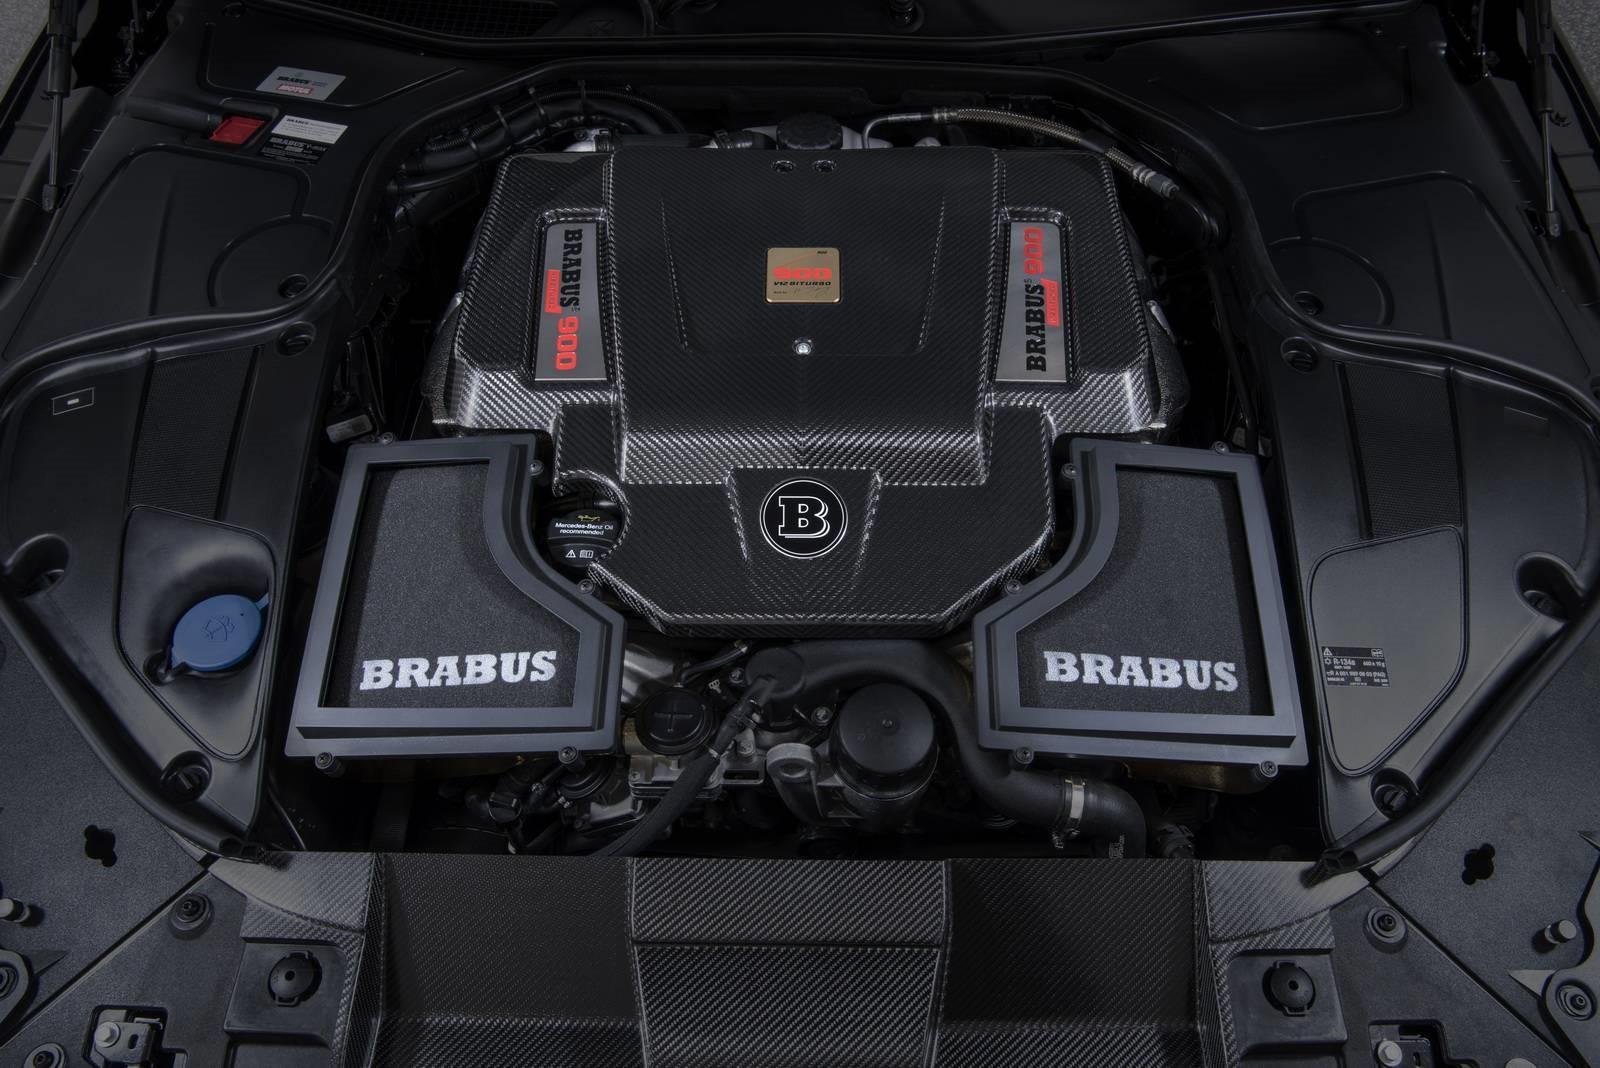 le-cabriolet-4-places-le-plus-puissant-et-le-plus-rapide-au-monde-brabus-rocket-900-cabriolet-411-4.jpg